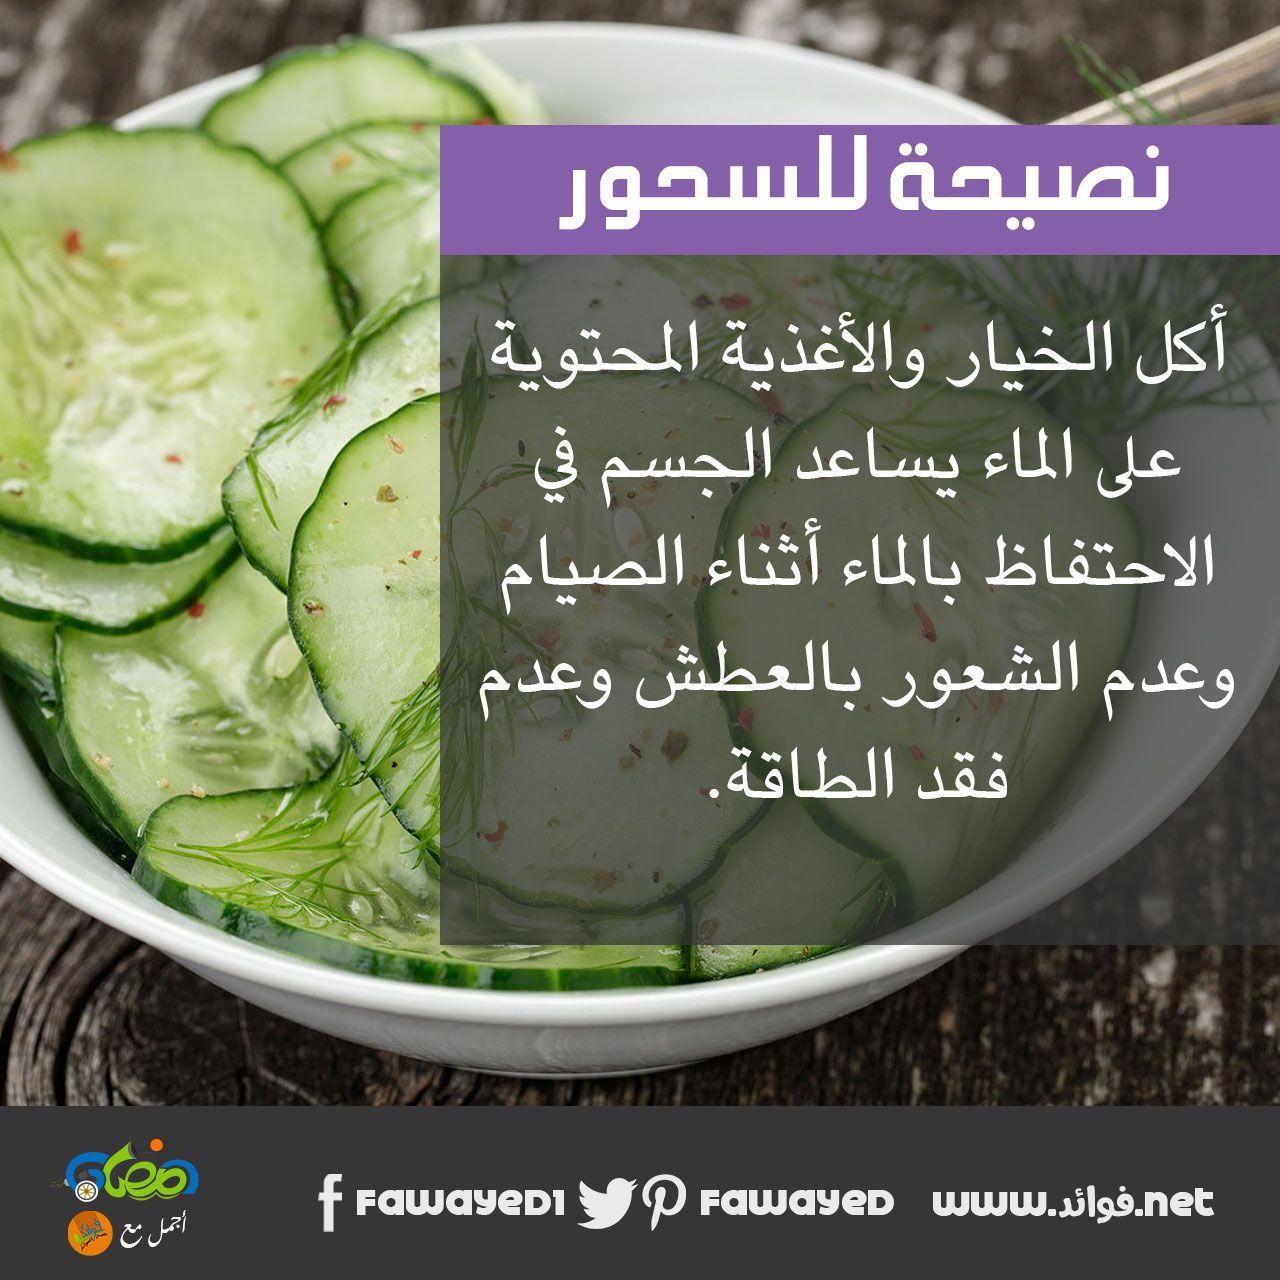 احرص على الاغذية الغنية بالماء مثل الخيار في السحور الغذاء في رمضان In 2019 Food Cucumber Vegetables